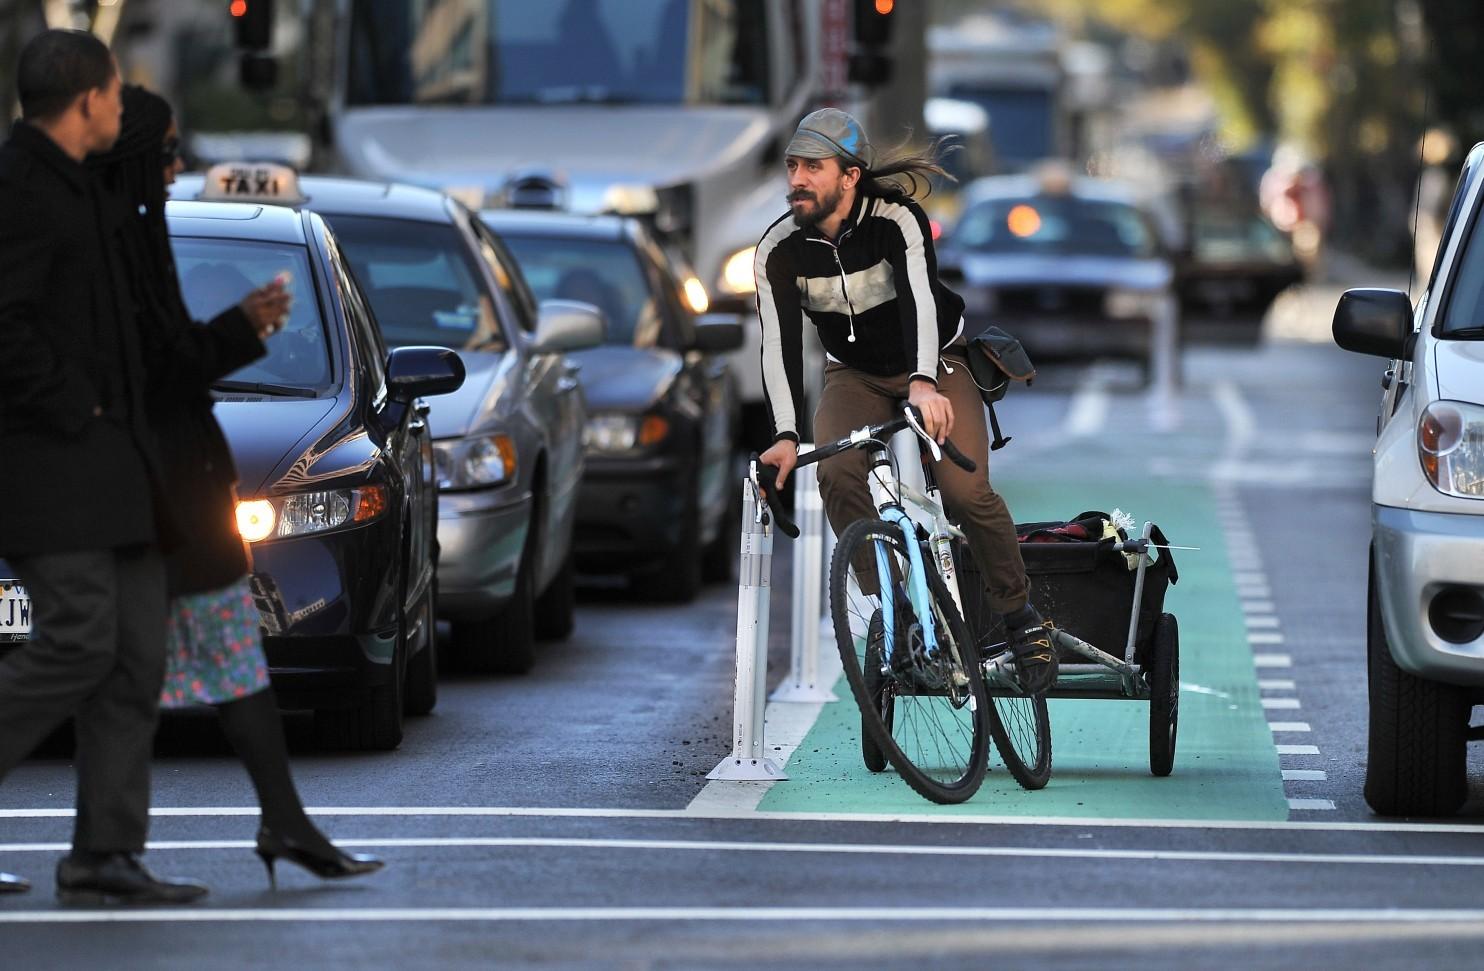 Велосипедист подкрался незаметно - 1